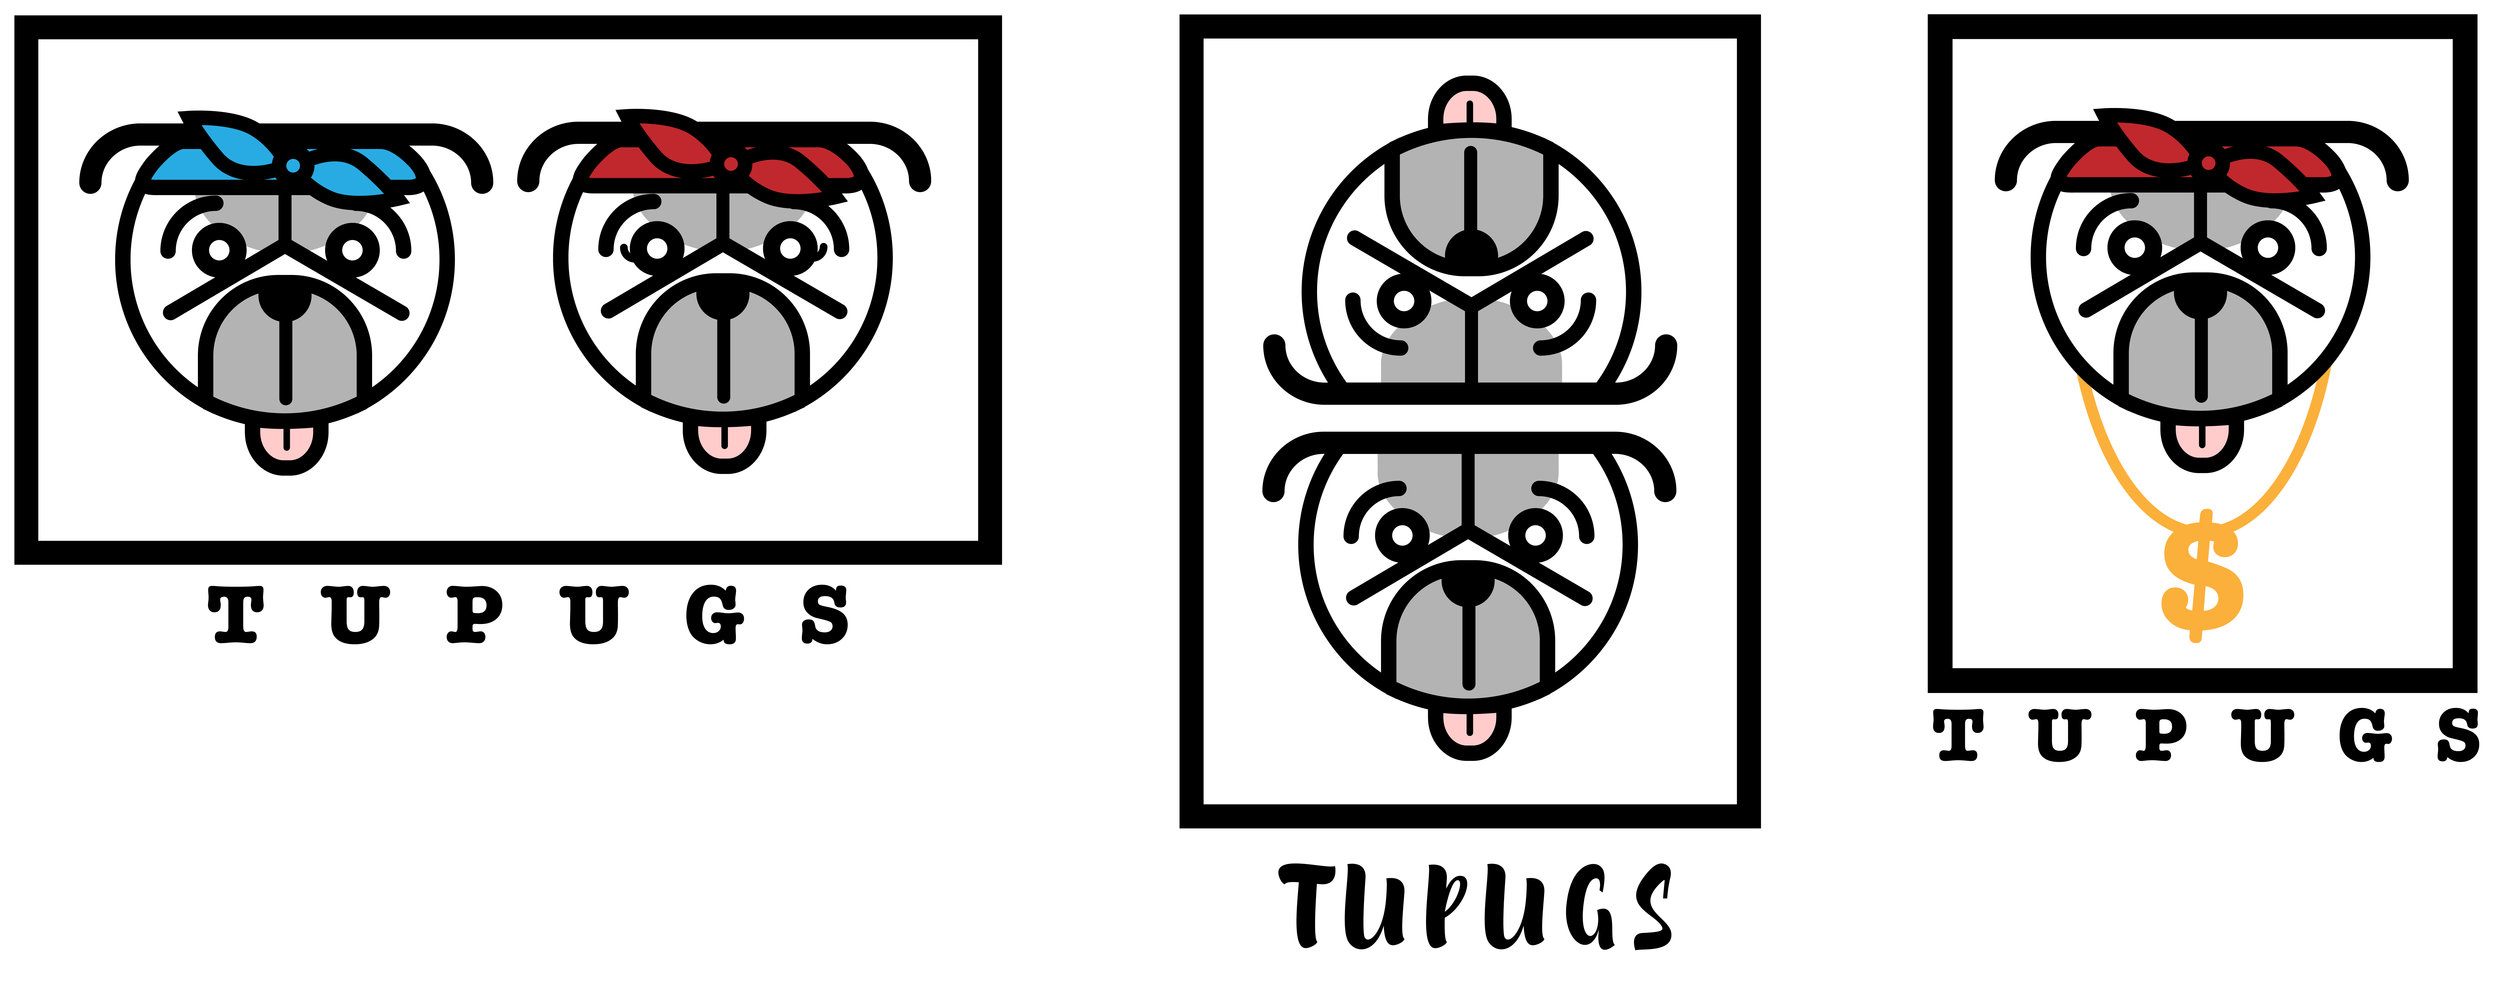 TUPUGS-wip-01.jpg